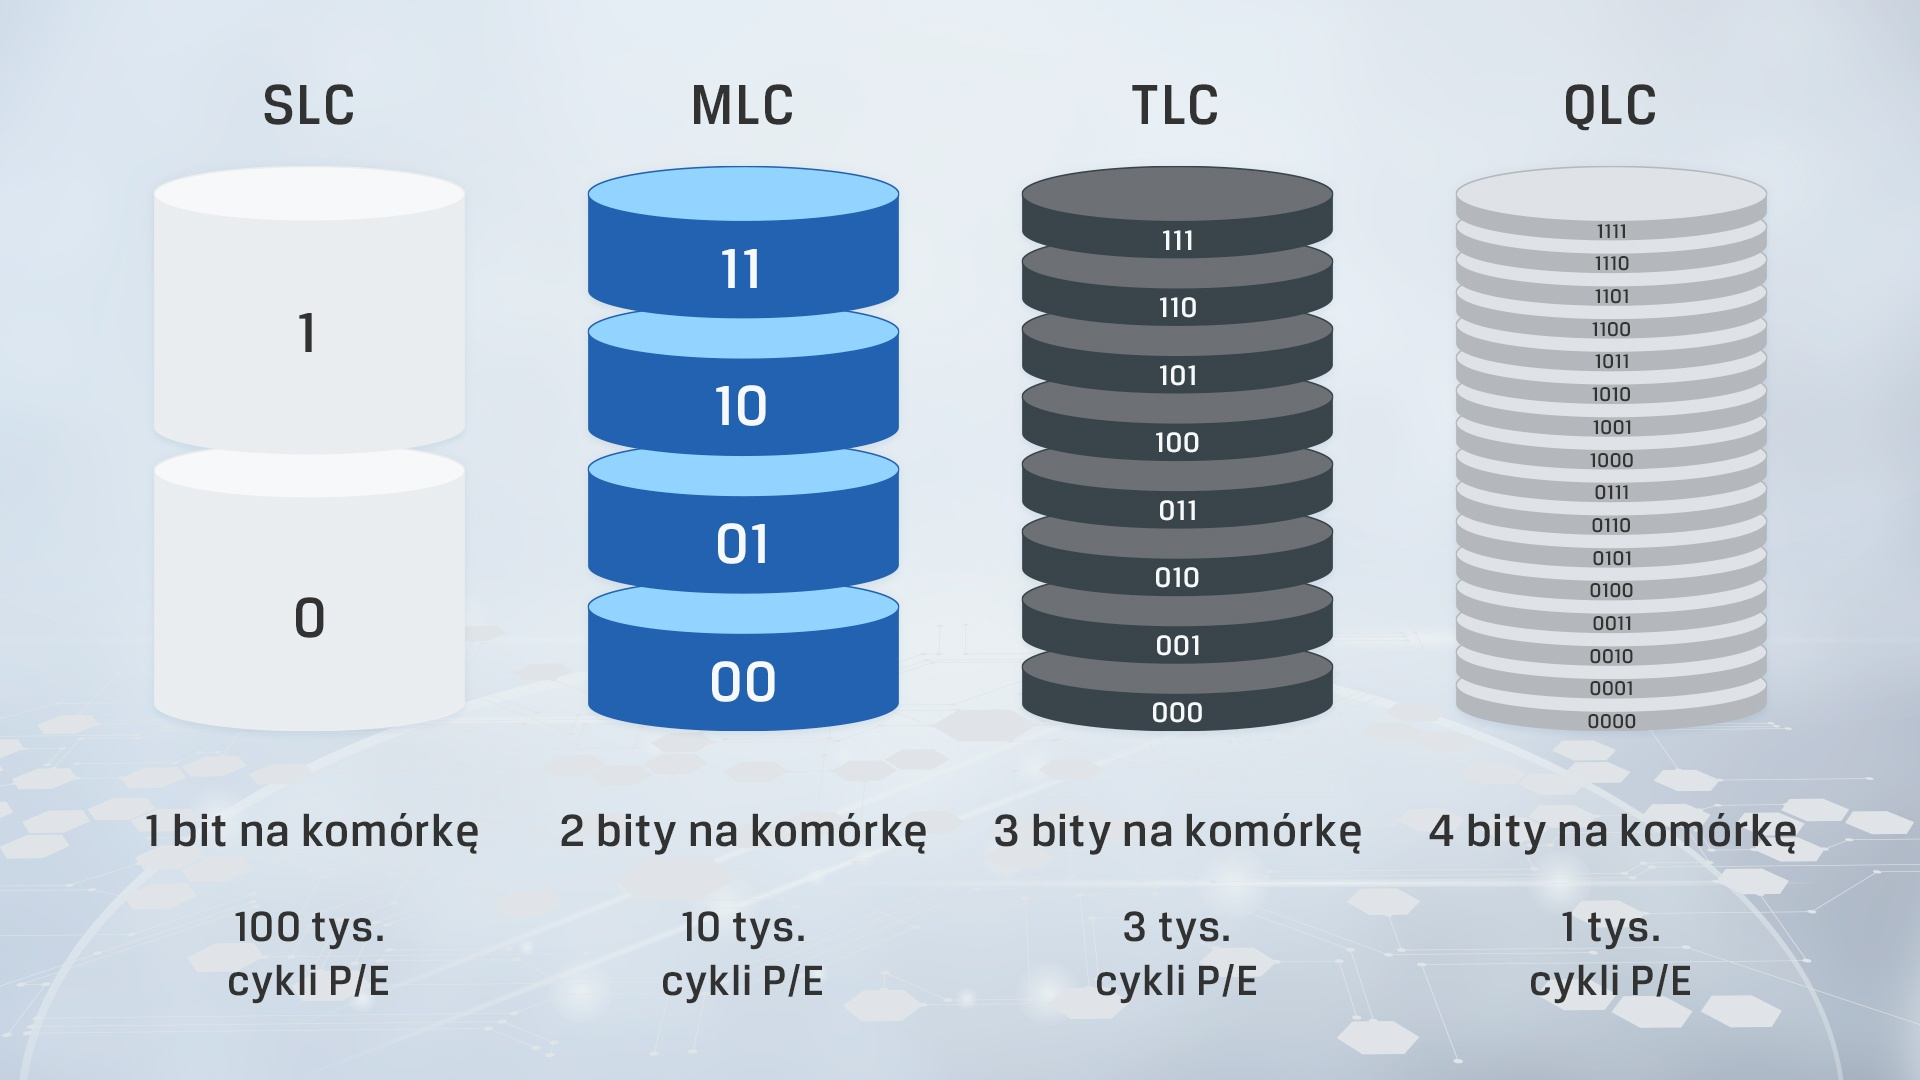 infografika przedstawiająca kluczowe różnice między różnymi rodzajami pamięci NAND